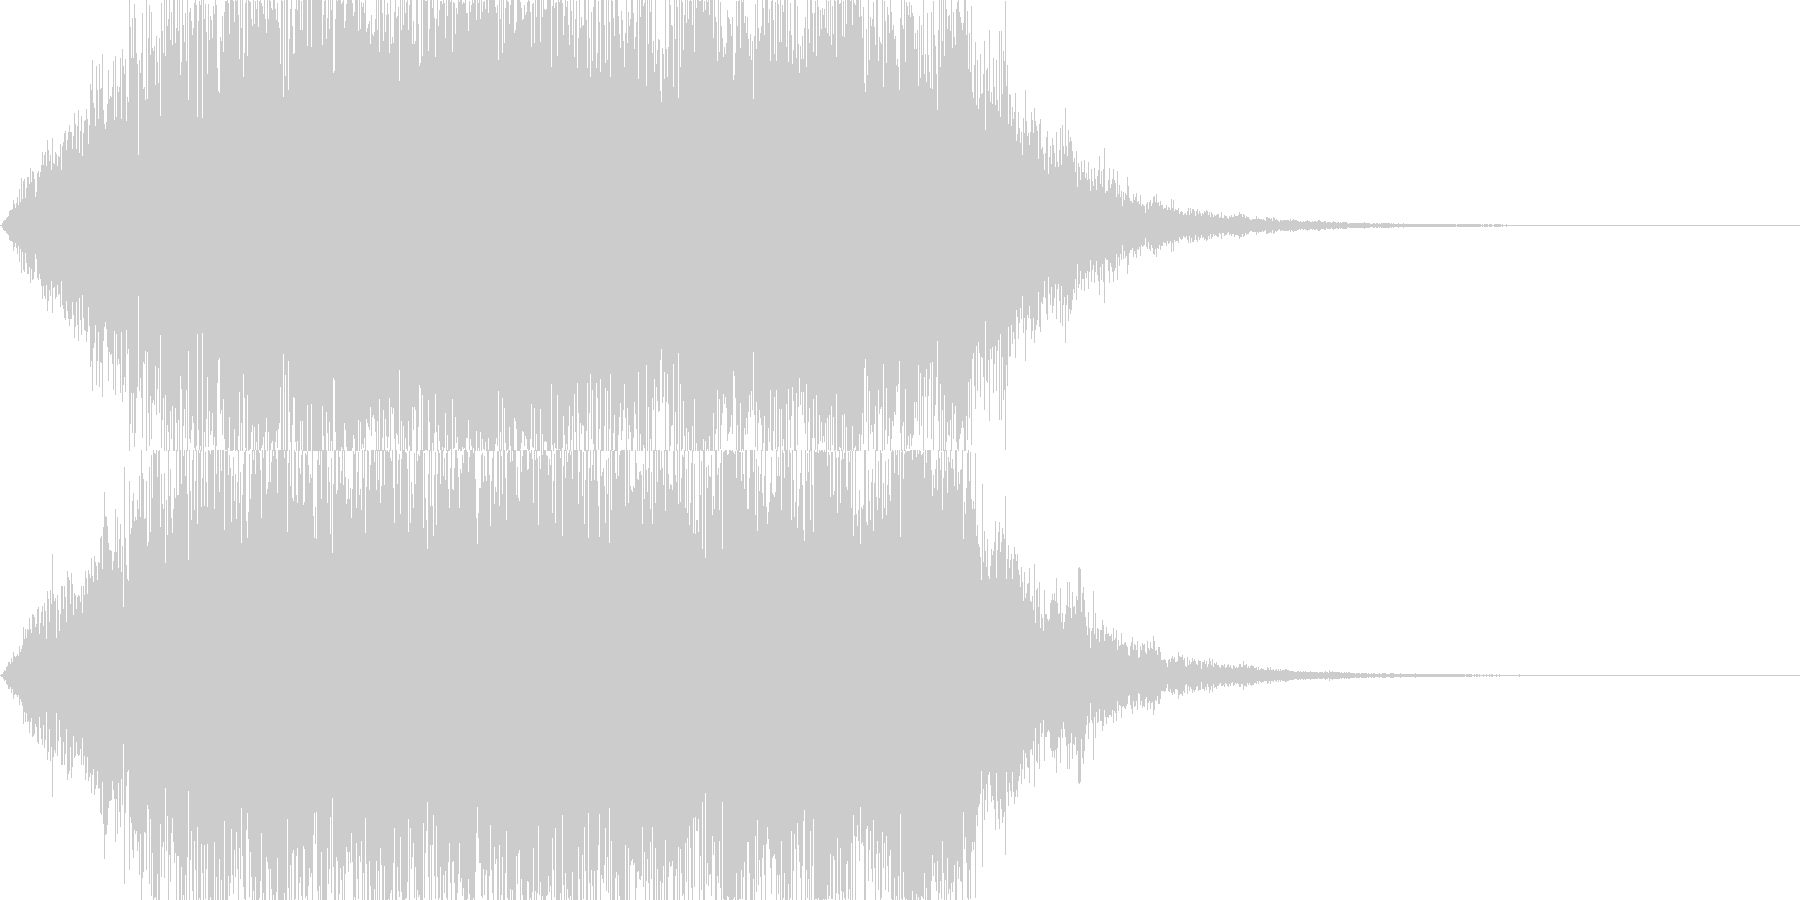 幻想的で伸びのある音(サウンドロゴ等に)の未再生の波形